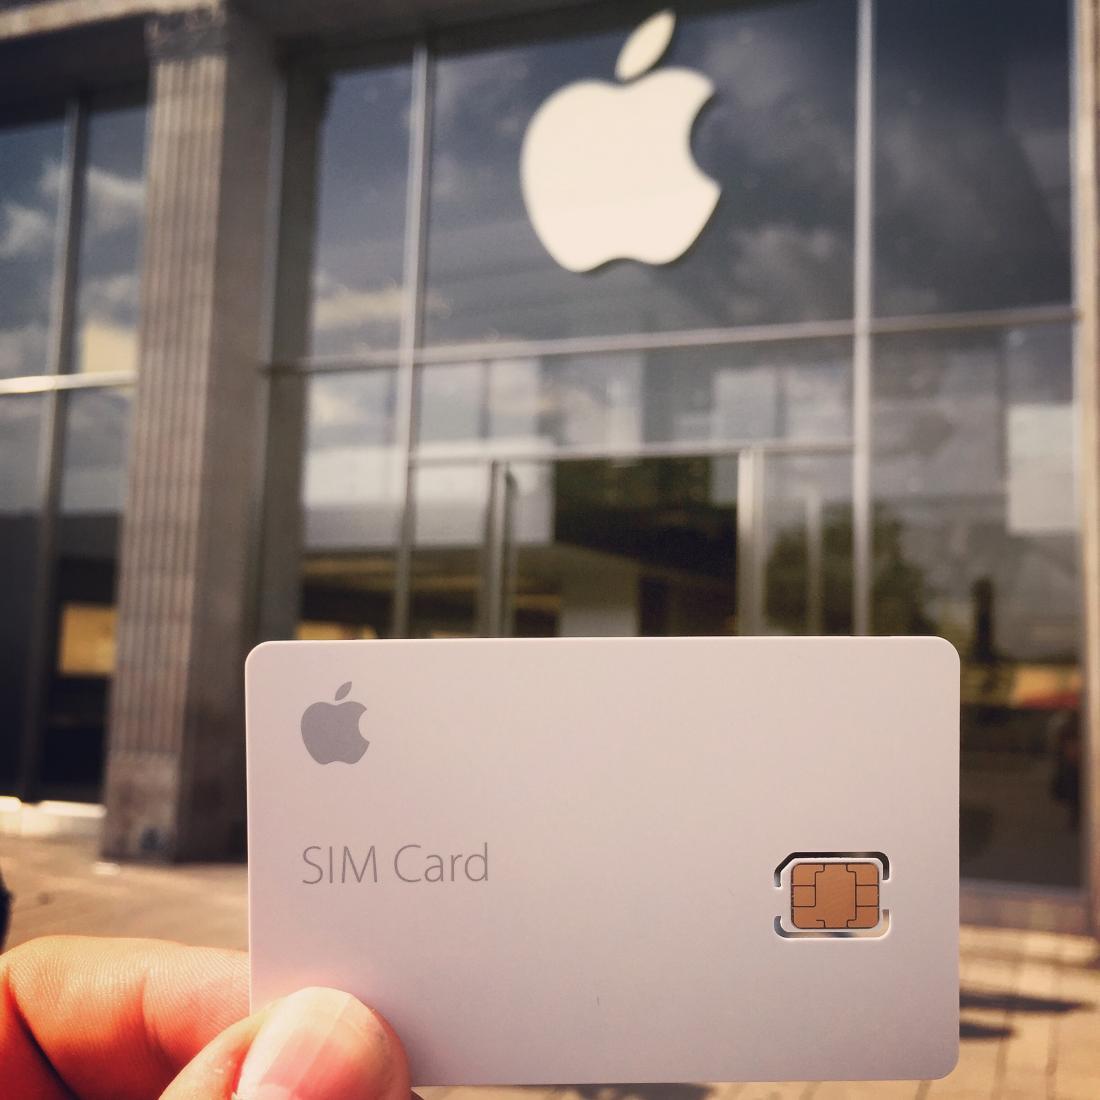 türkei sim karte kaufen Apple SIM im Test: Was bringt die SIM Karte im Urlaub? | Mac Life türkei sim karte kaufen